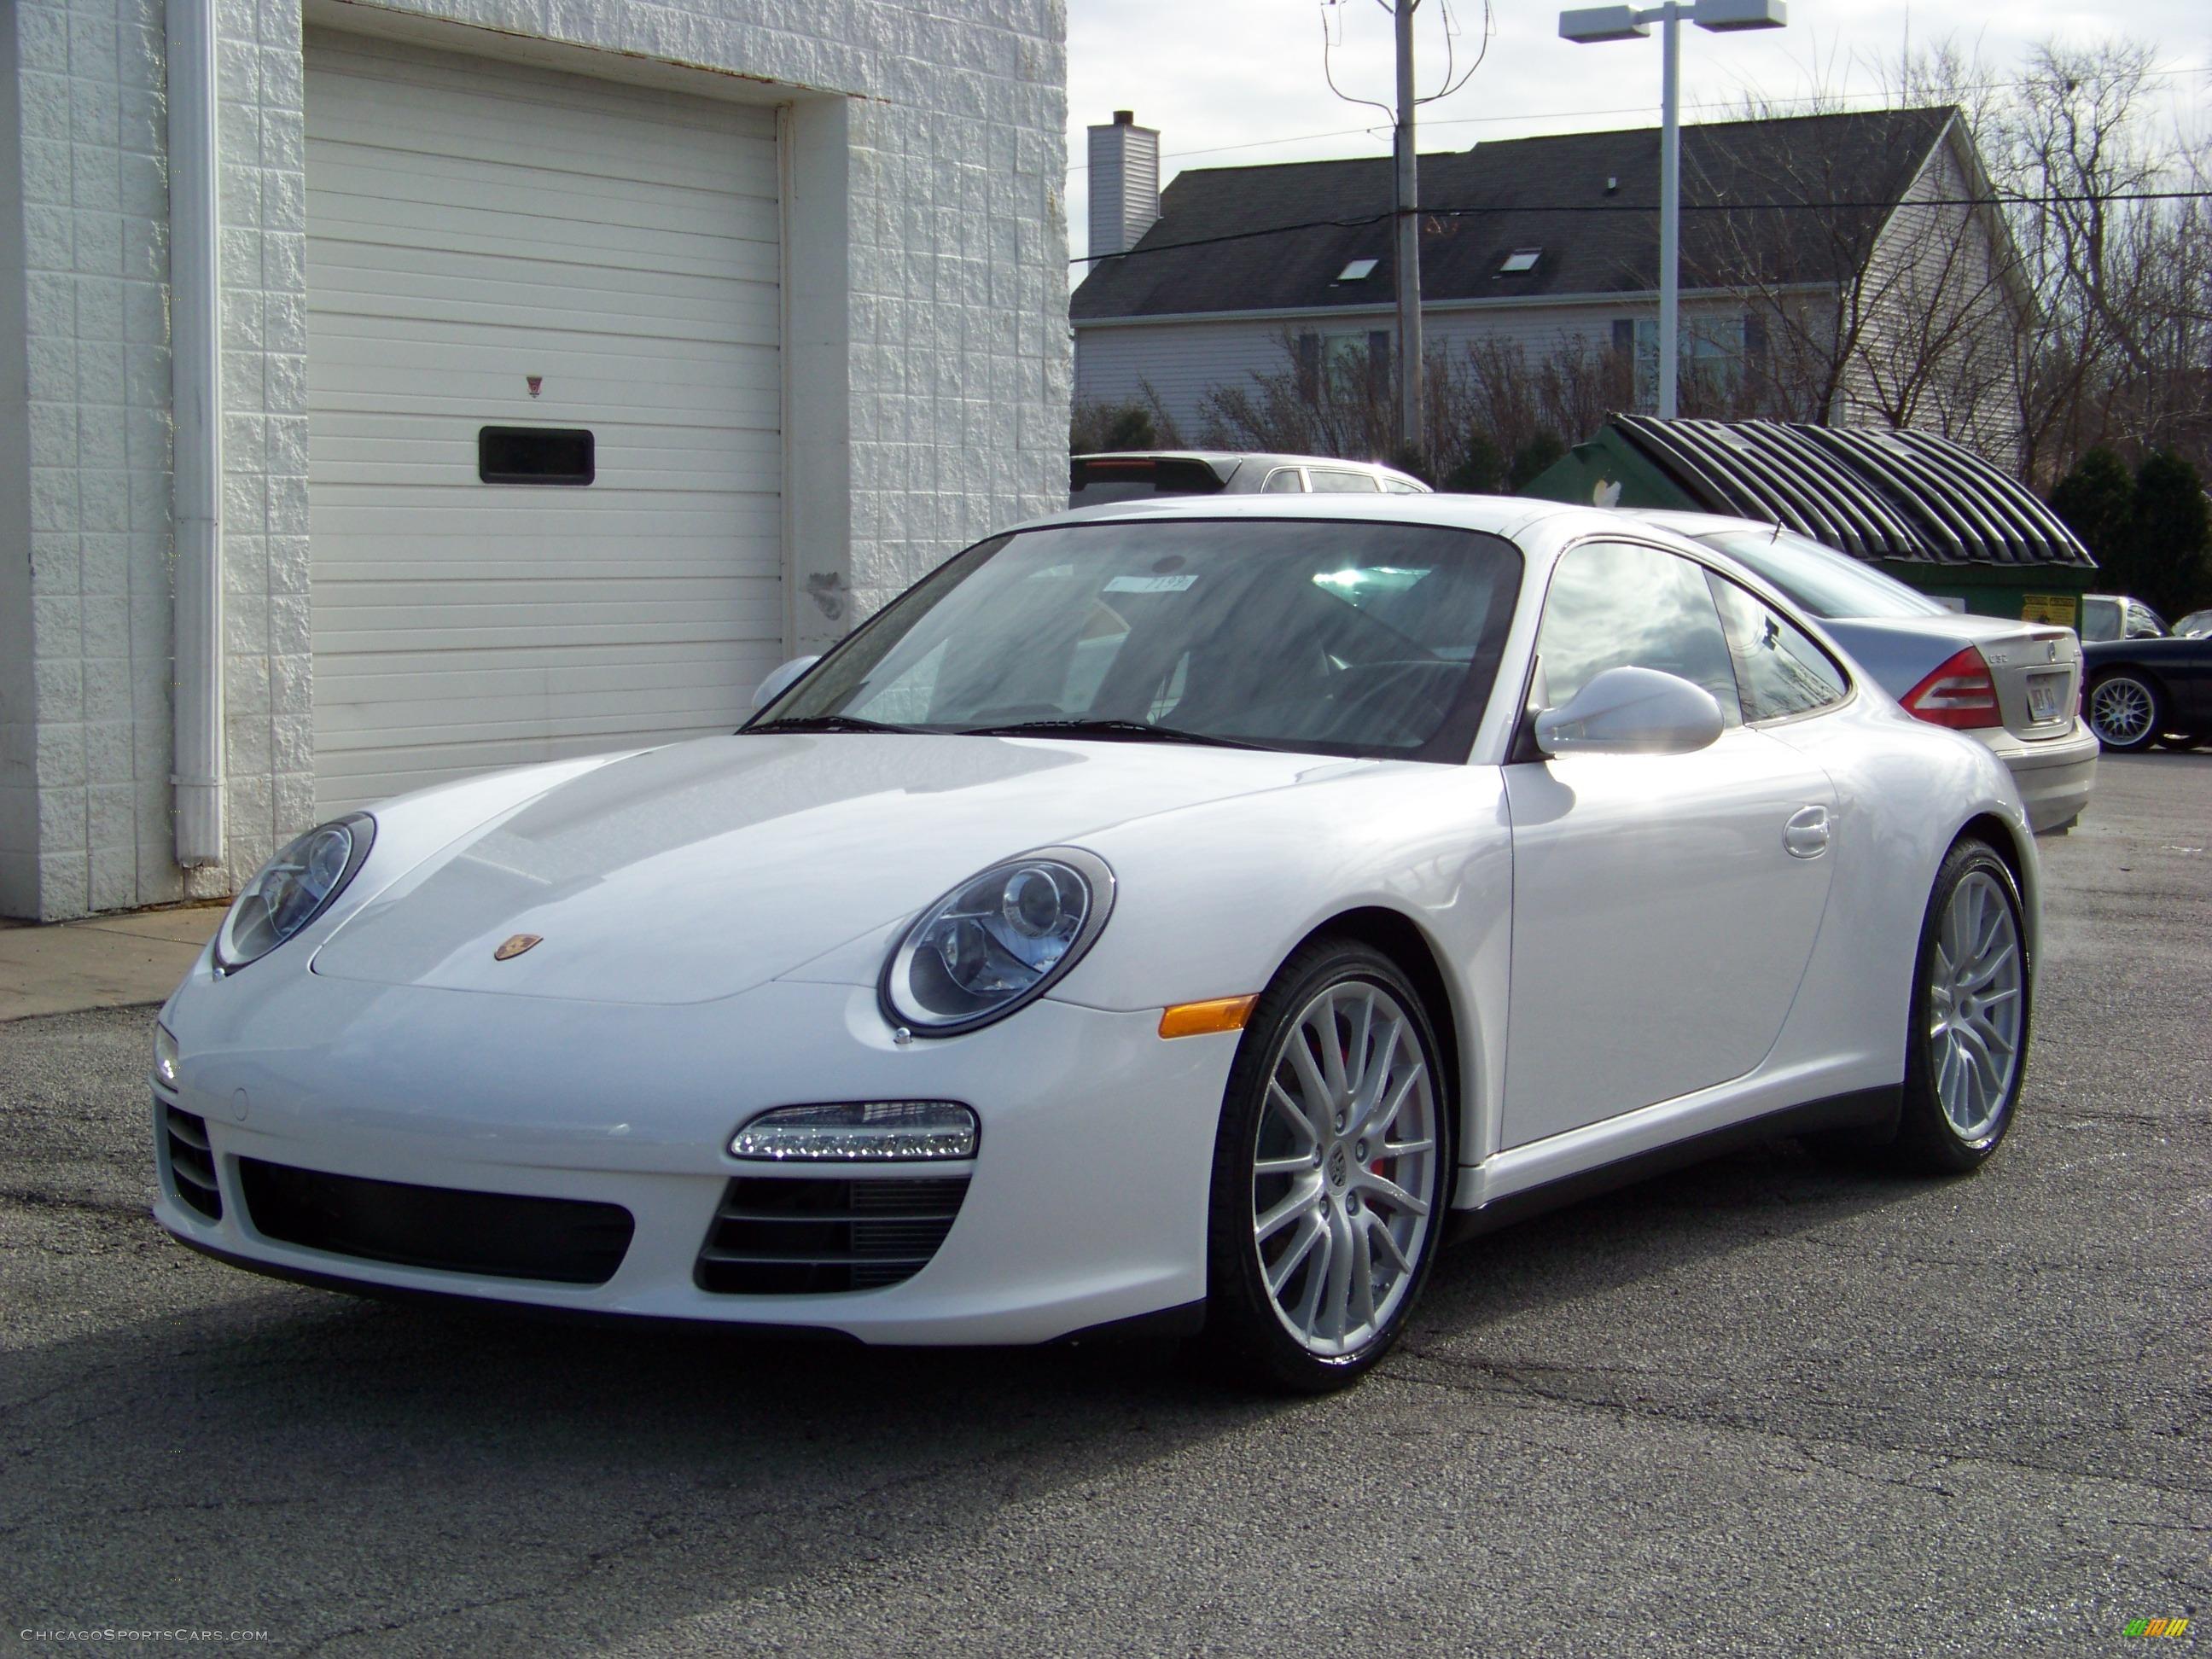 Worksheet. 2009 Porsche 911 Carrera 4S Coupe in Carrara White  721776